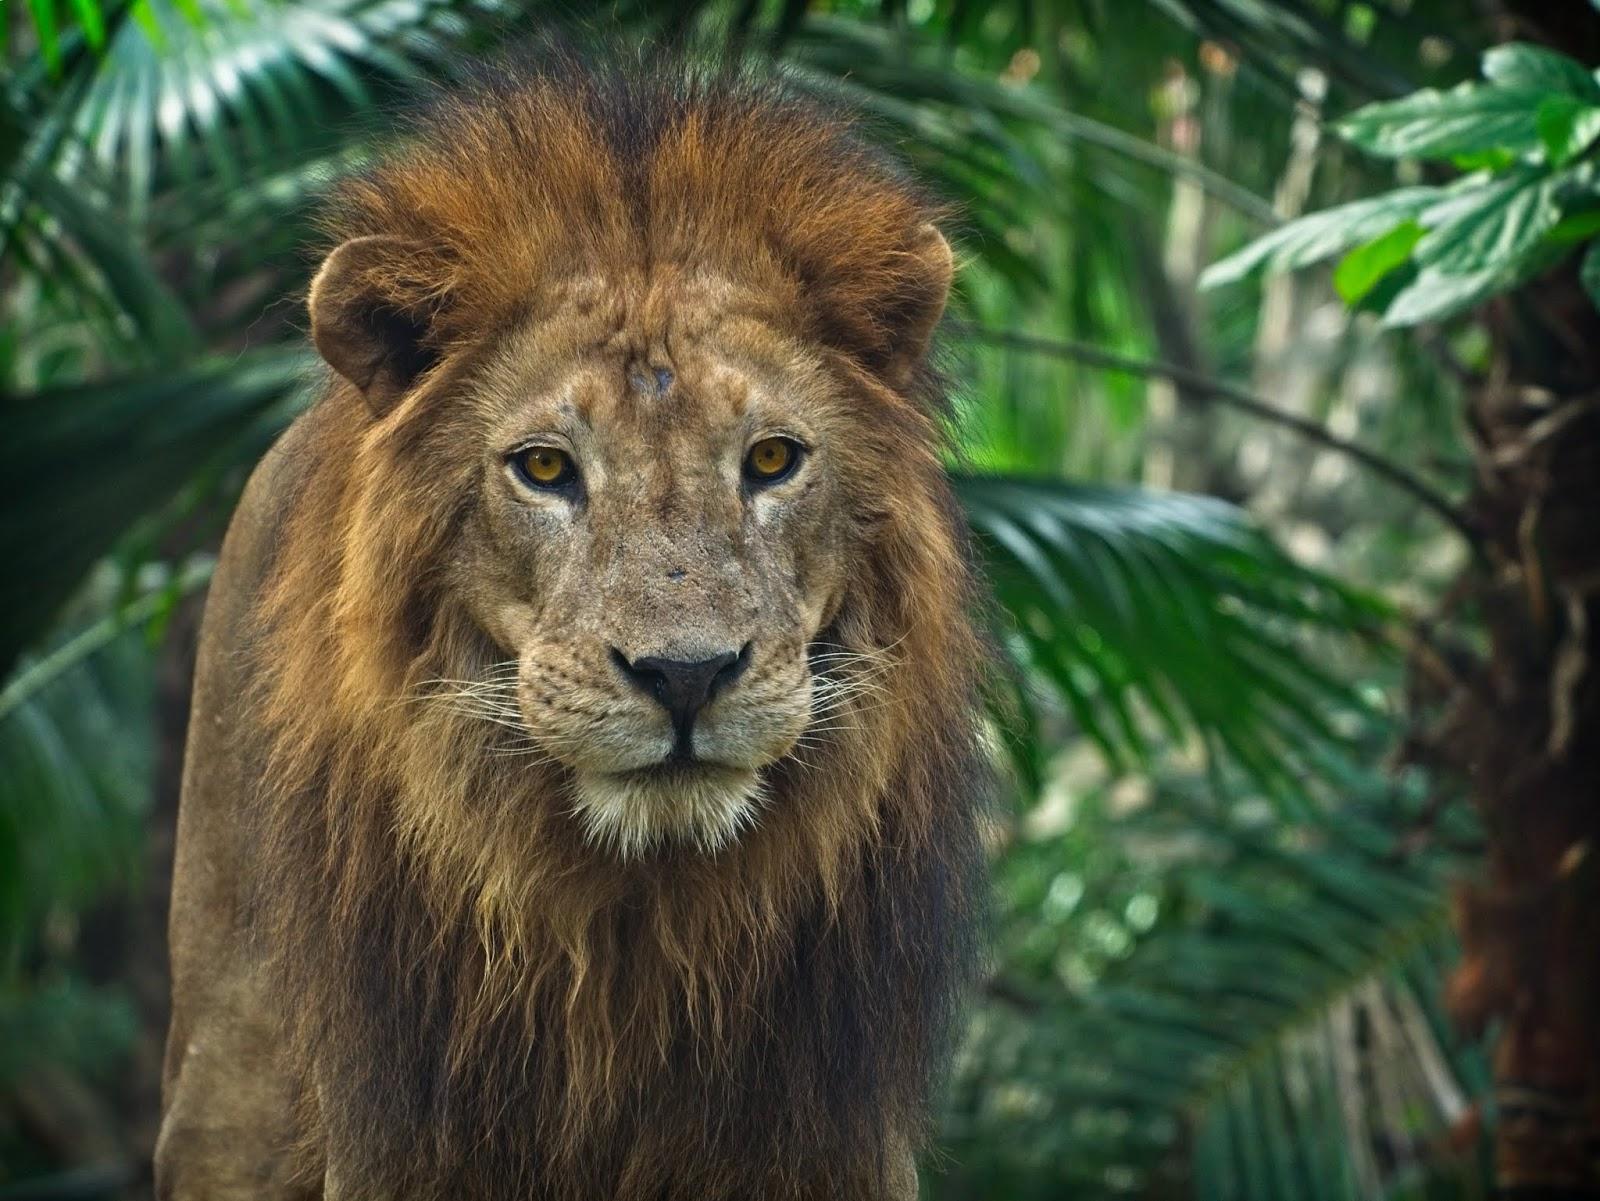 Close-up photo of lion,lion images